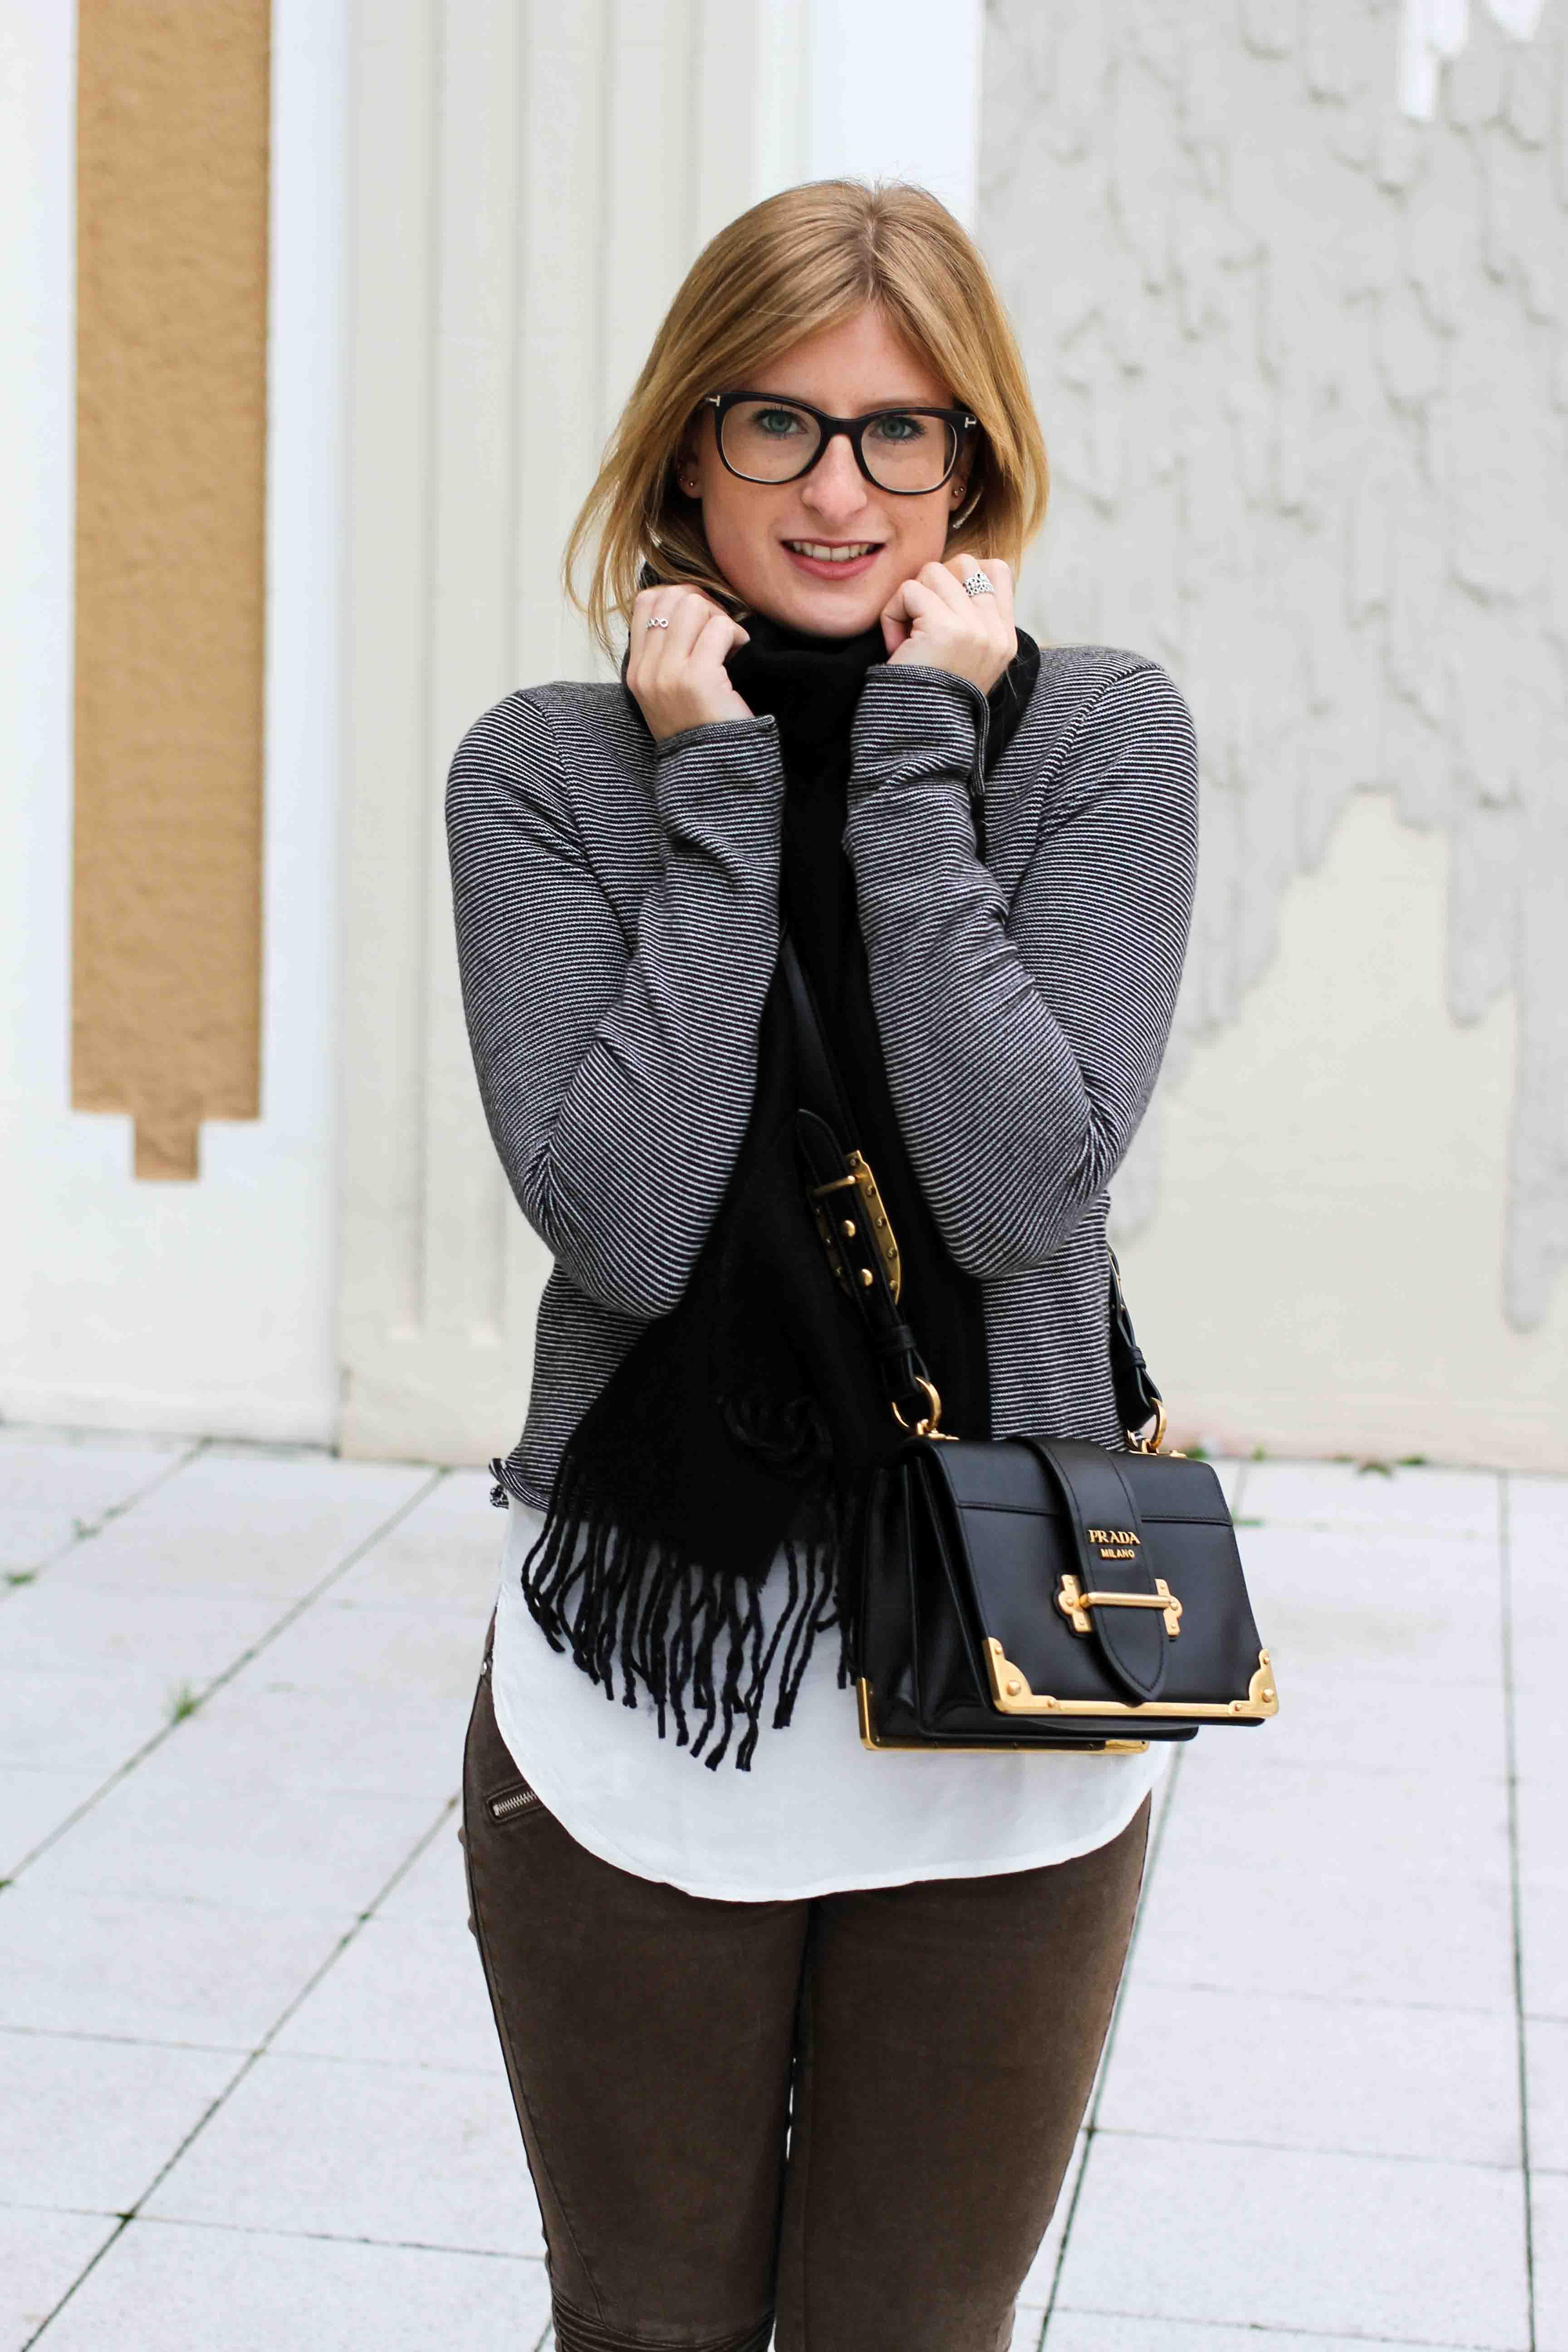 Casual Jeans Look Zara Pullover Schal Winteroutfit Prada Tasche schwarz Modeblogger street style 2